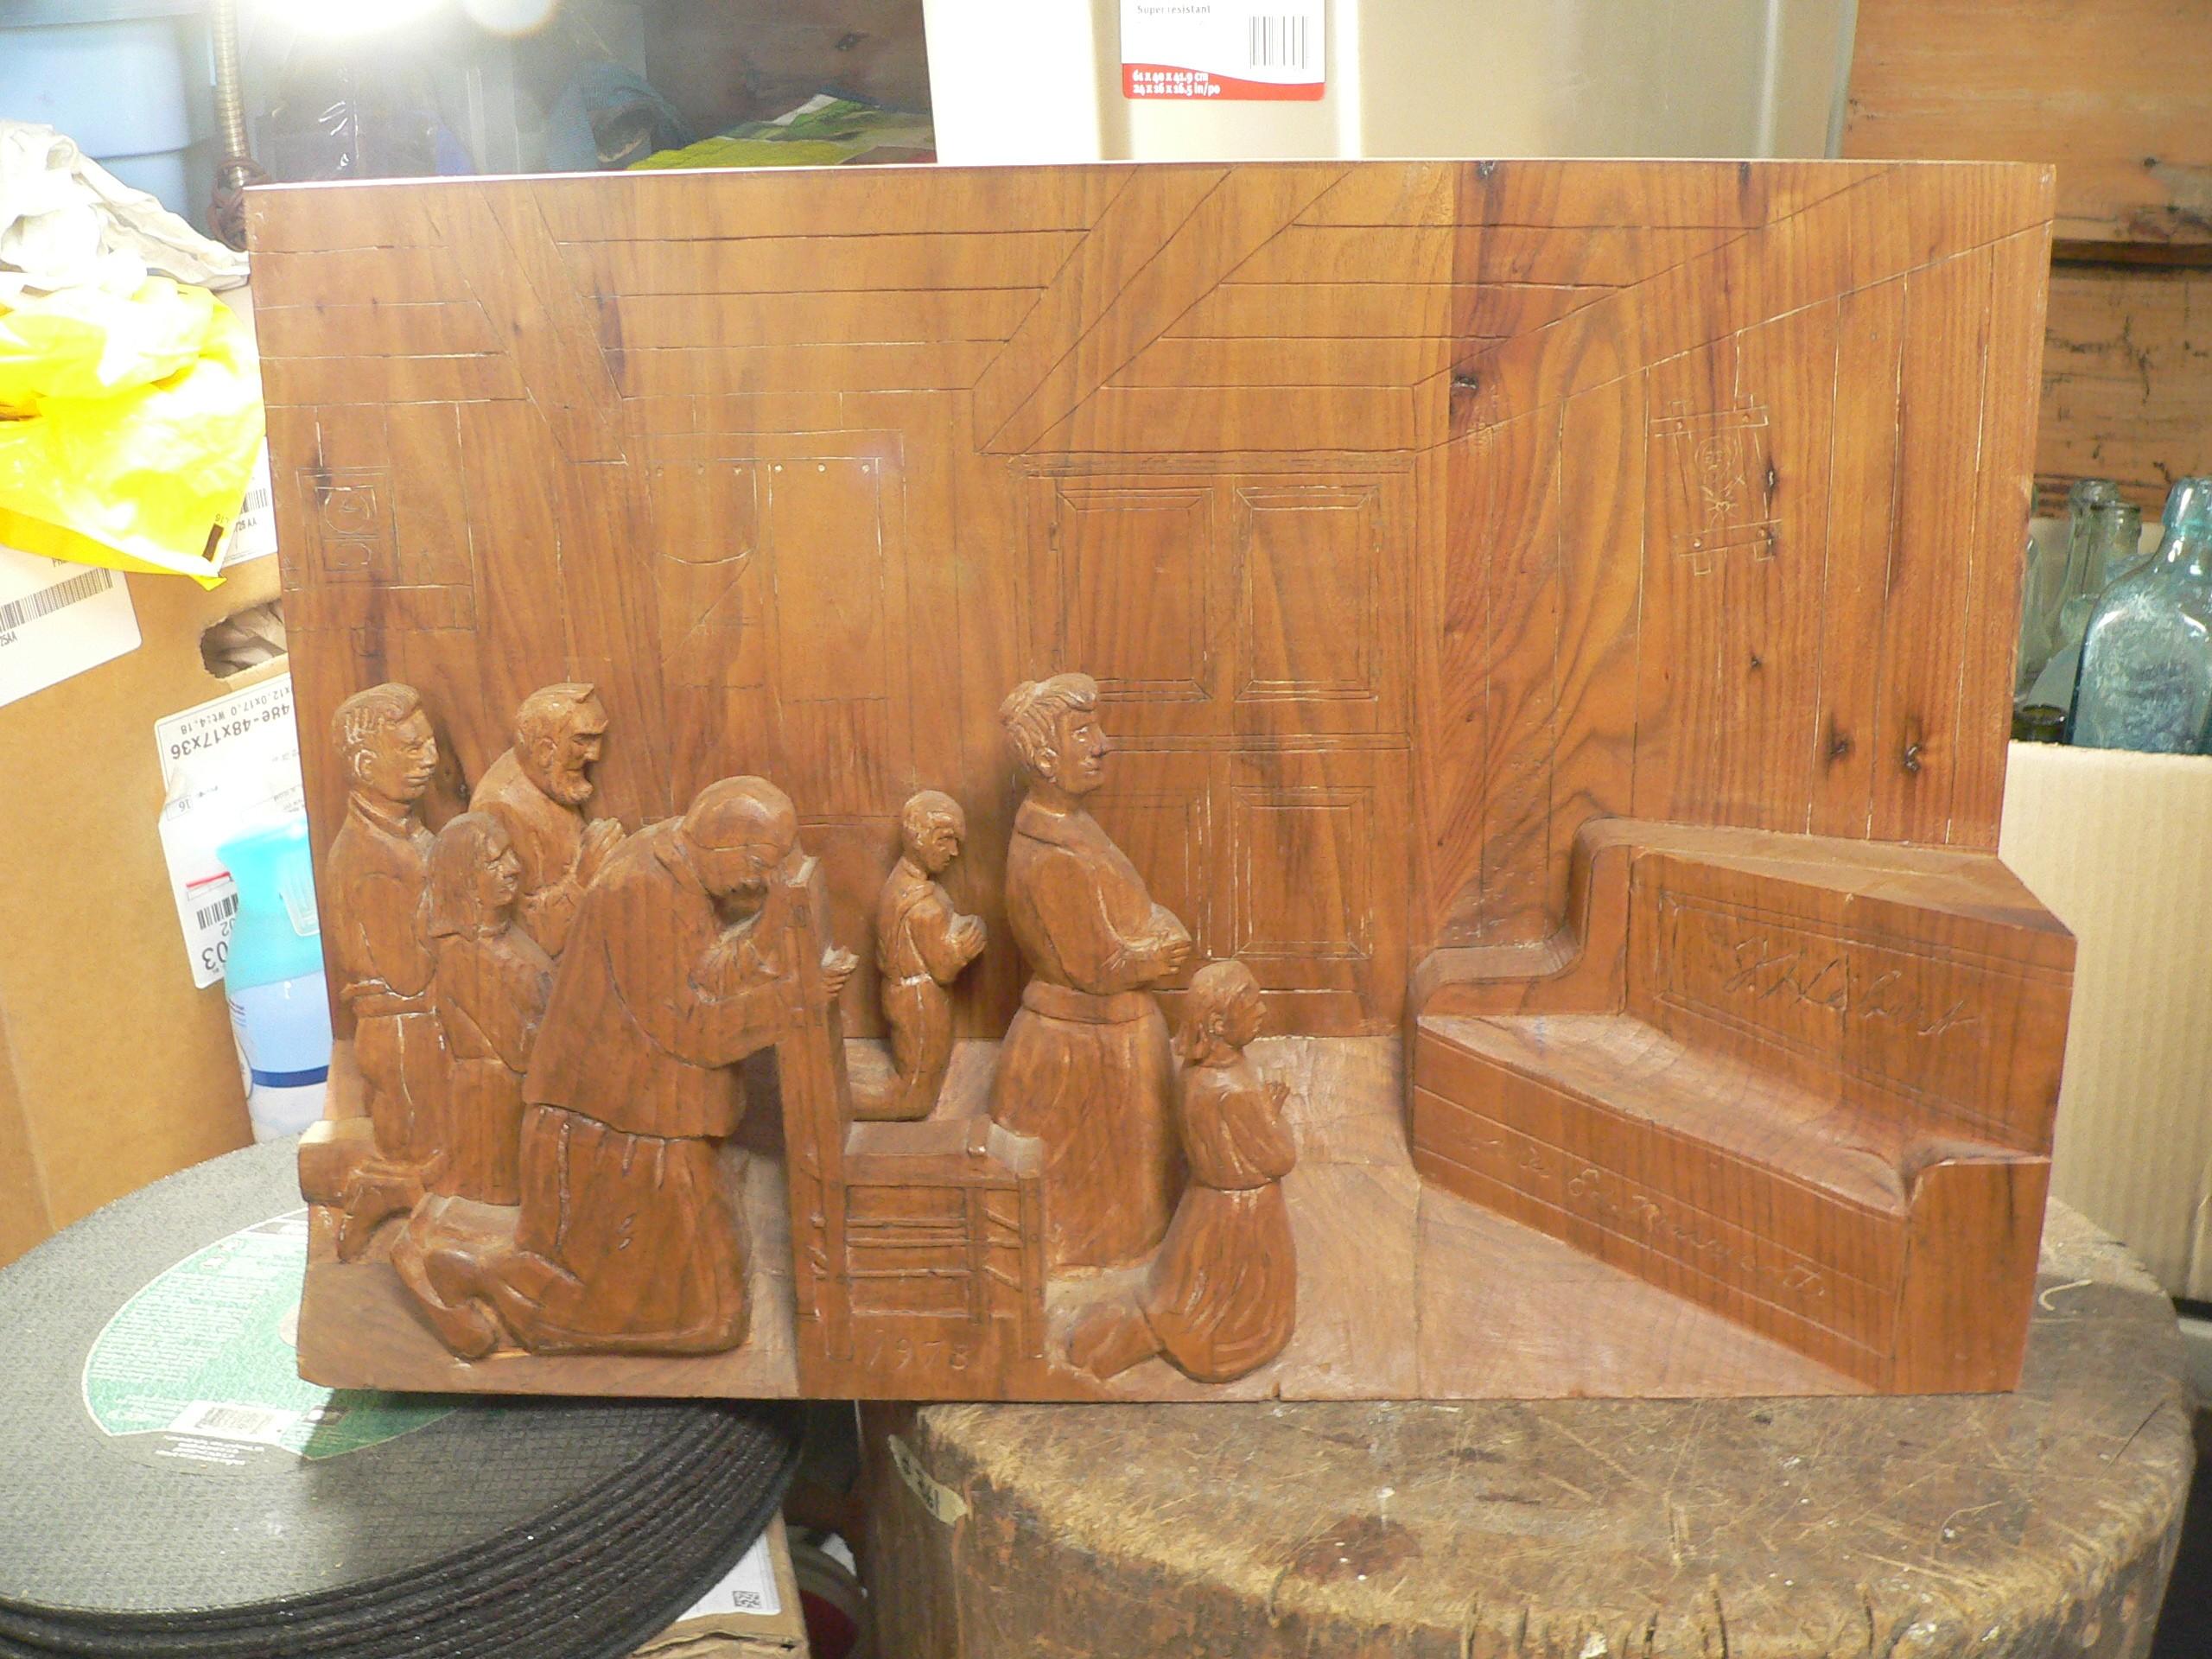 Très beau cadre sculpter 3d vintage # 8141.2